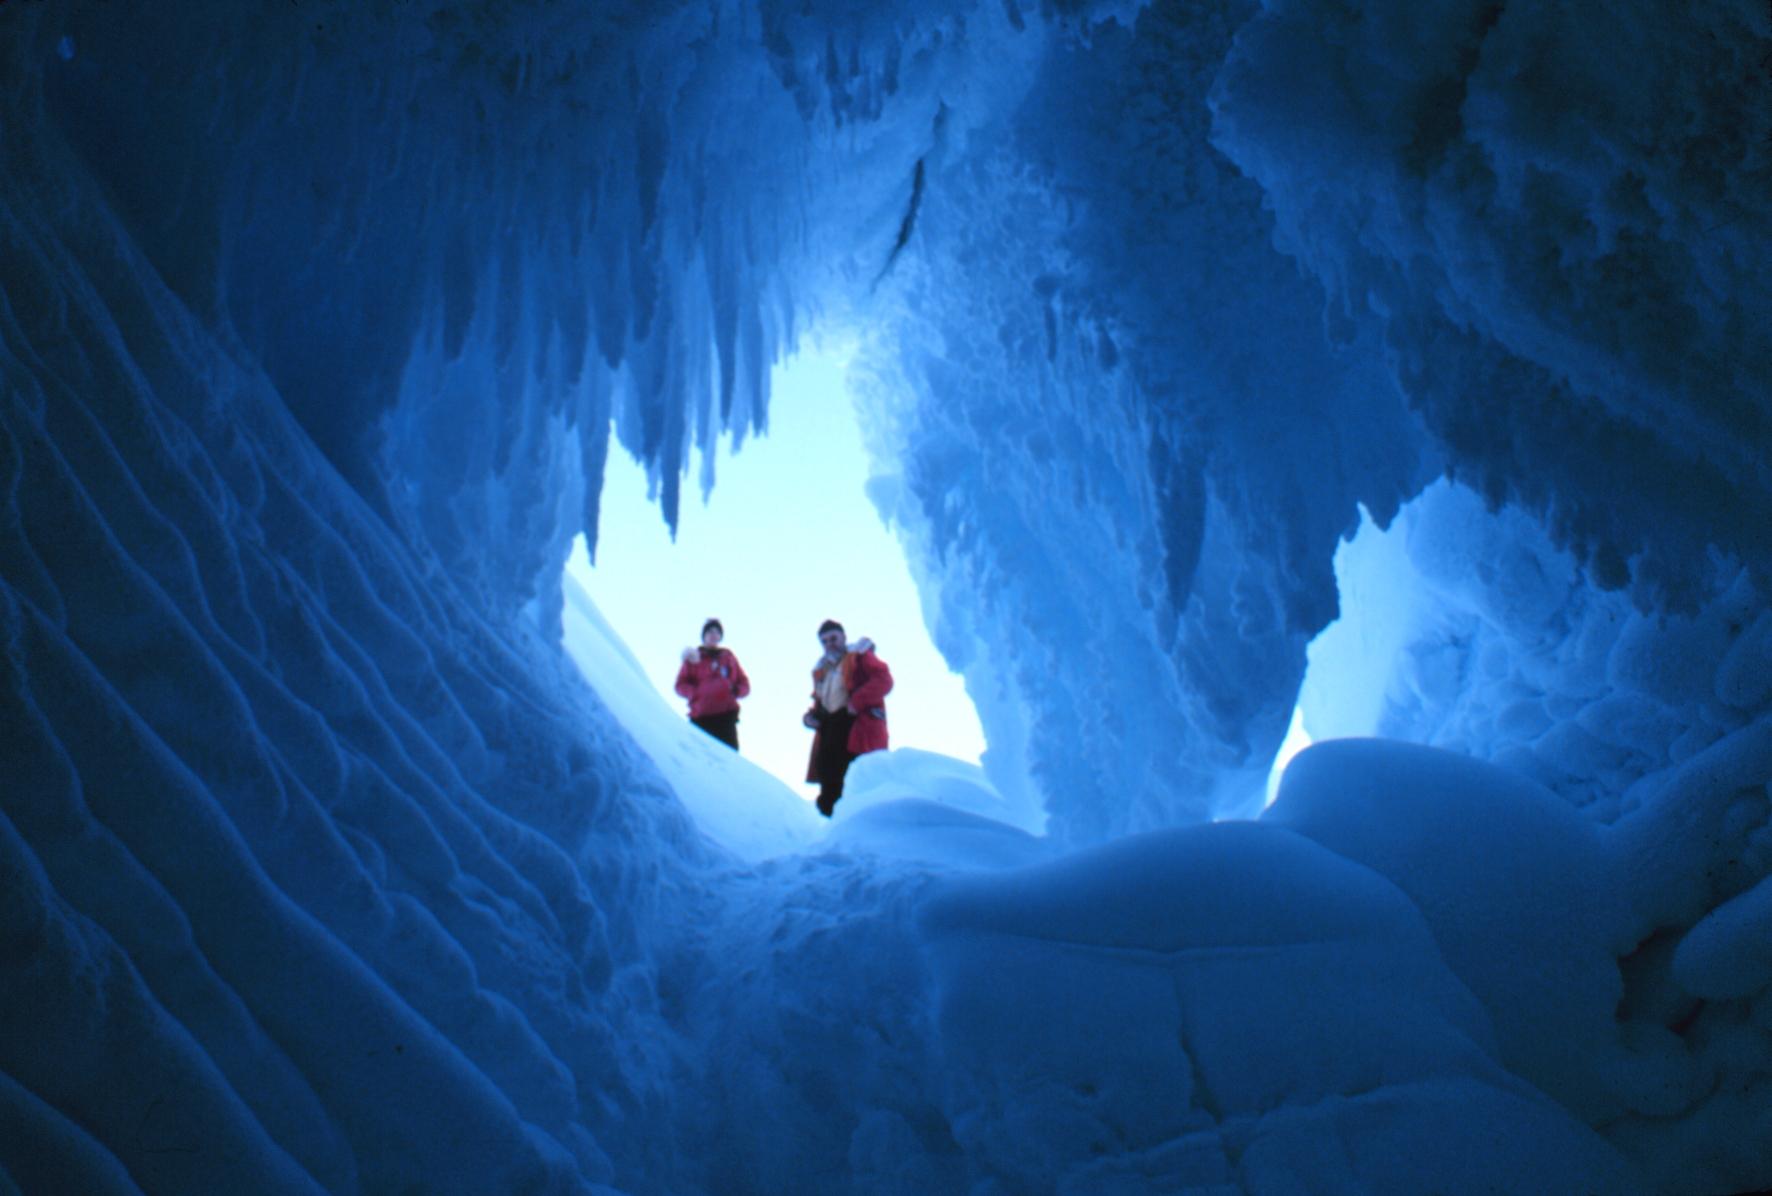 File:Erebus glacier cave NOAA 1978.jpg - Wikimedia Commons